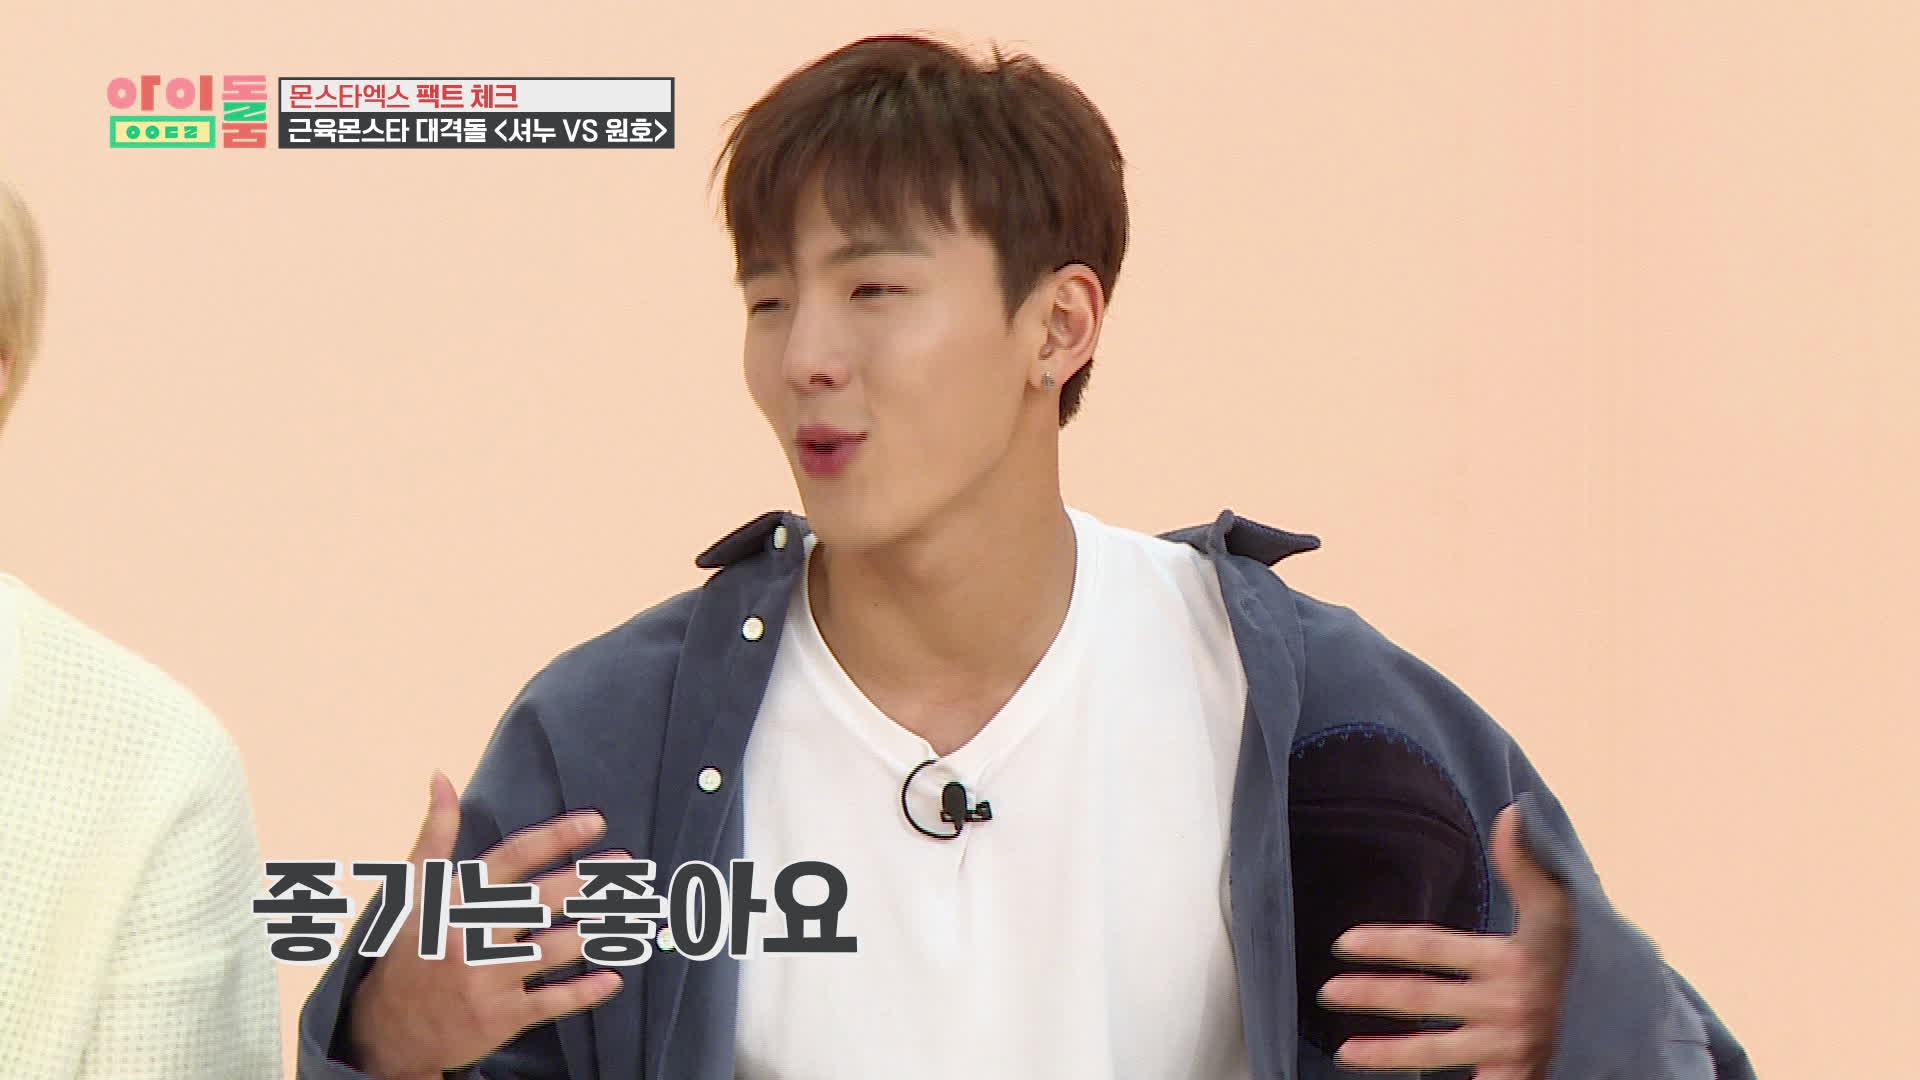 아이돌룸(IDOL ROOM) 24회 - 셔누 vs 원호, 진정한 근육 최강자는?! Shownu vs Wonho, who is the muscle king?